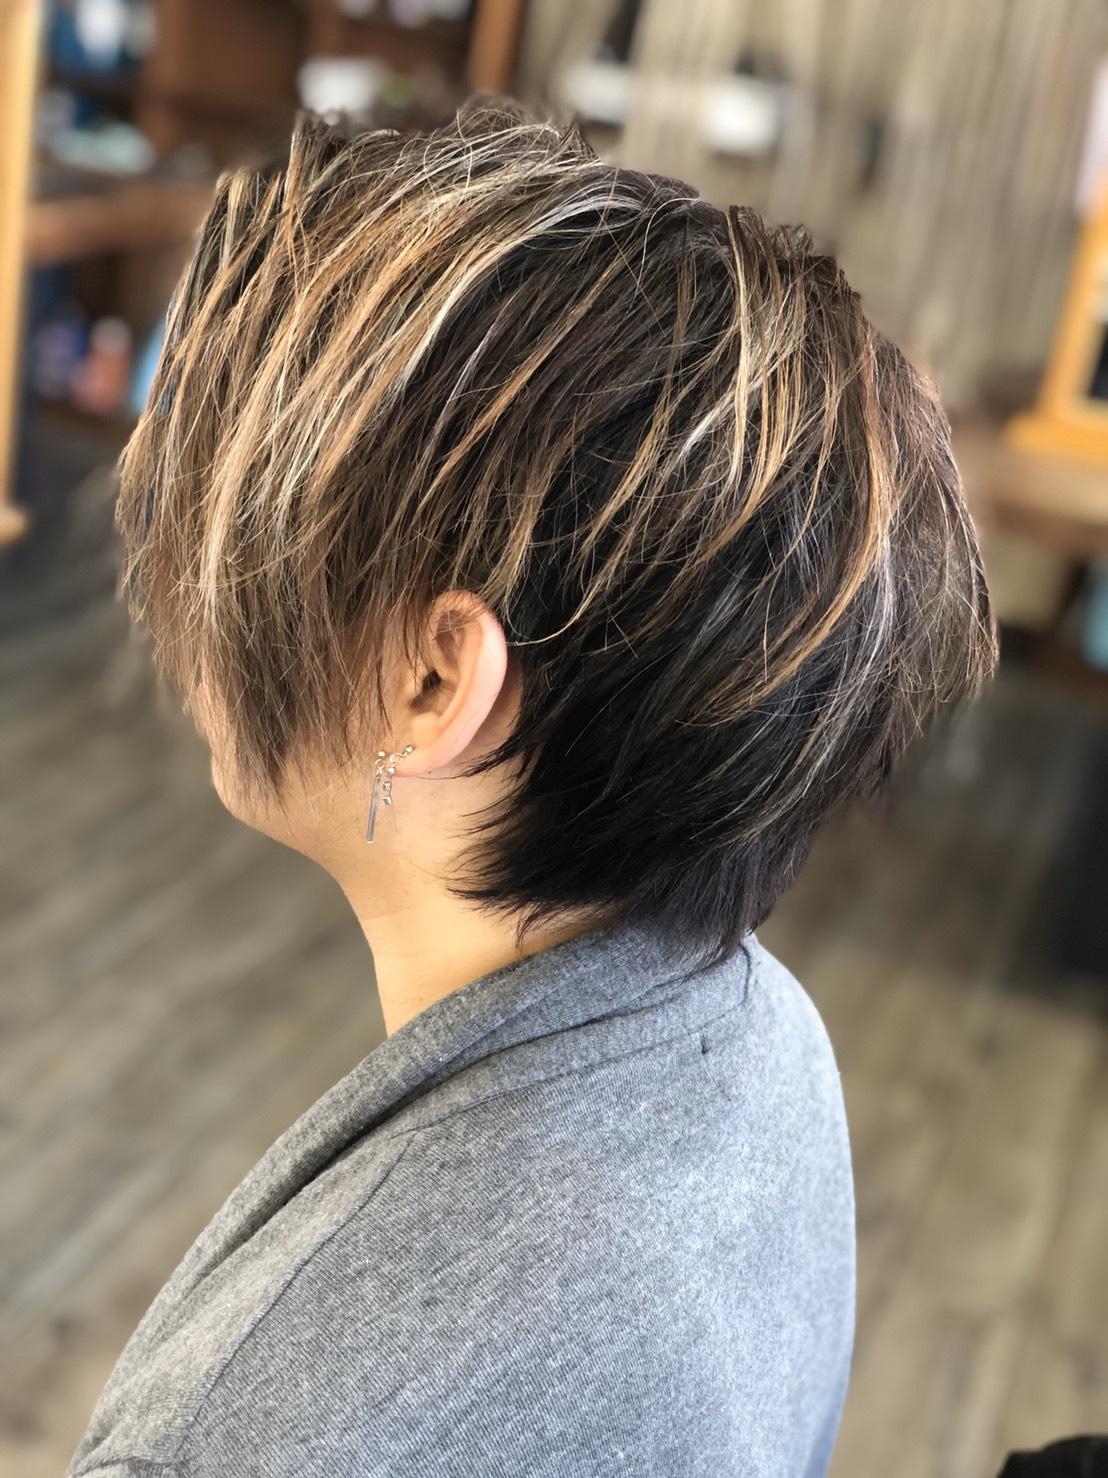 ヘアワックスで毛先を遊ばせるルーズな髪型